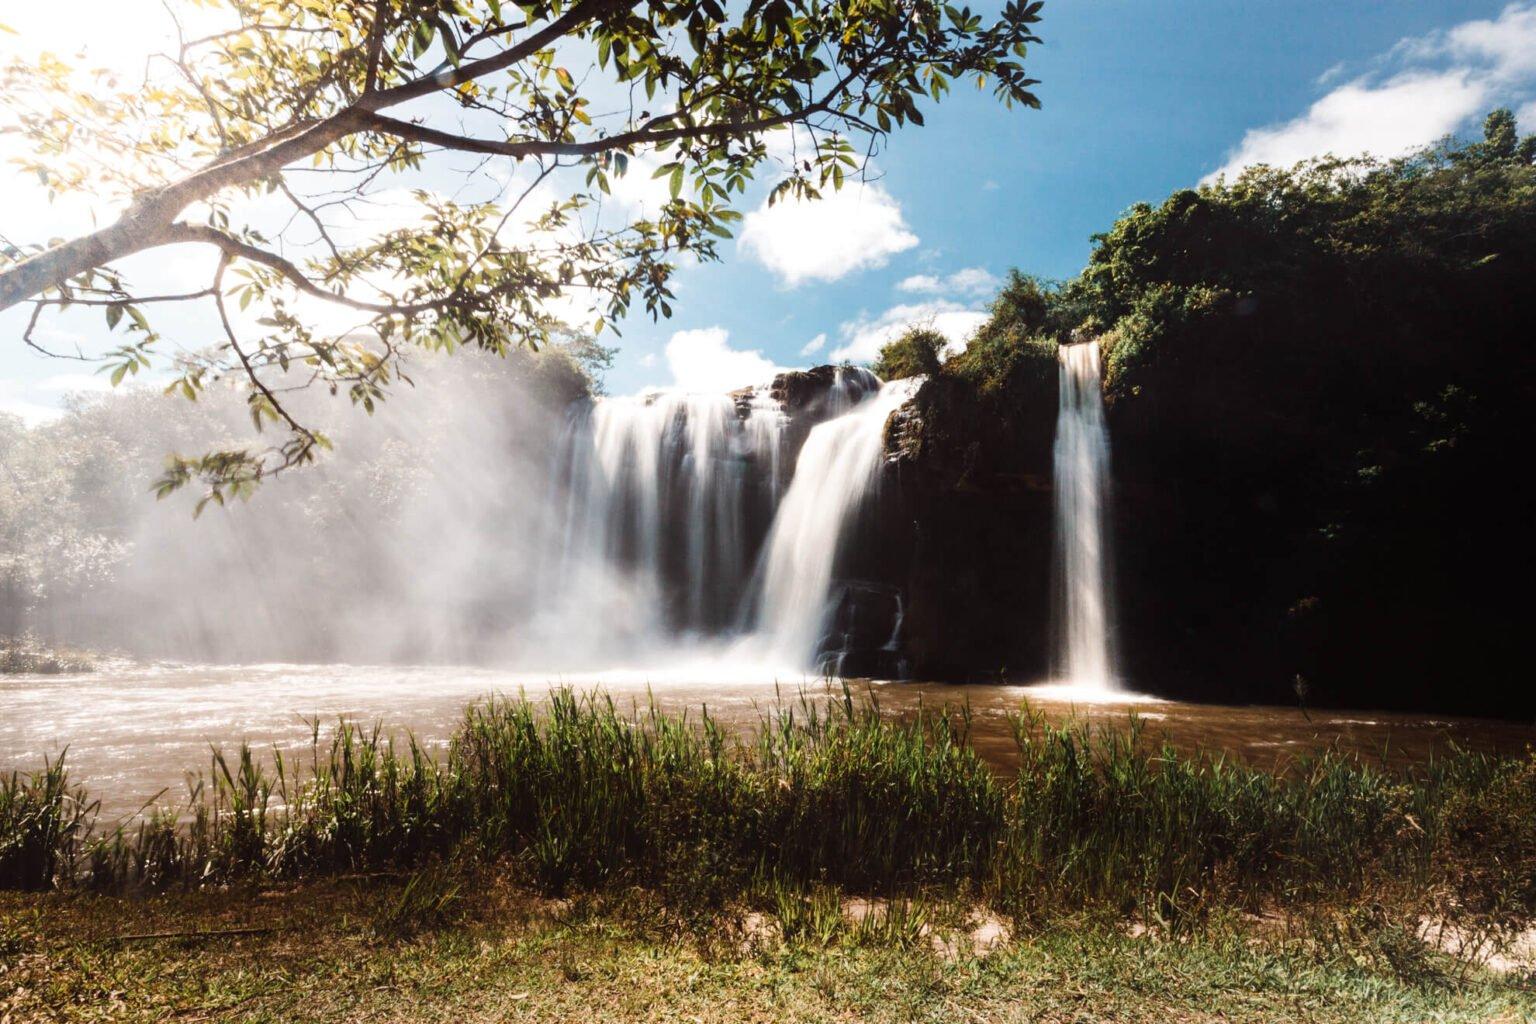 Cachoeira da Fumaça pela manhã - Carrancas MG